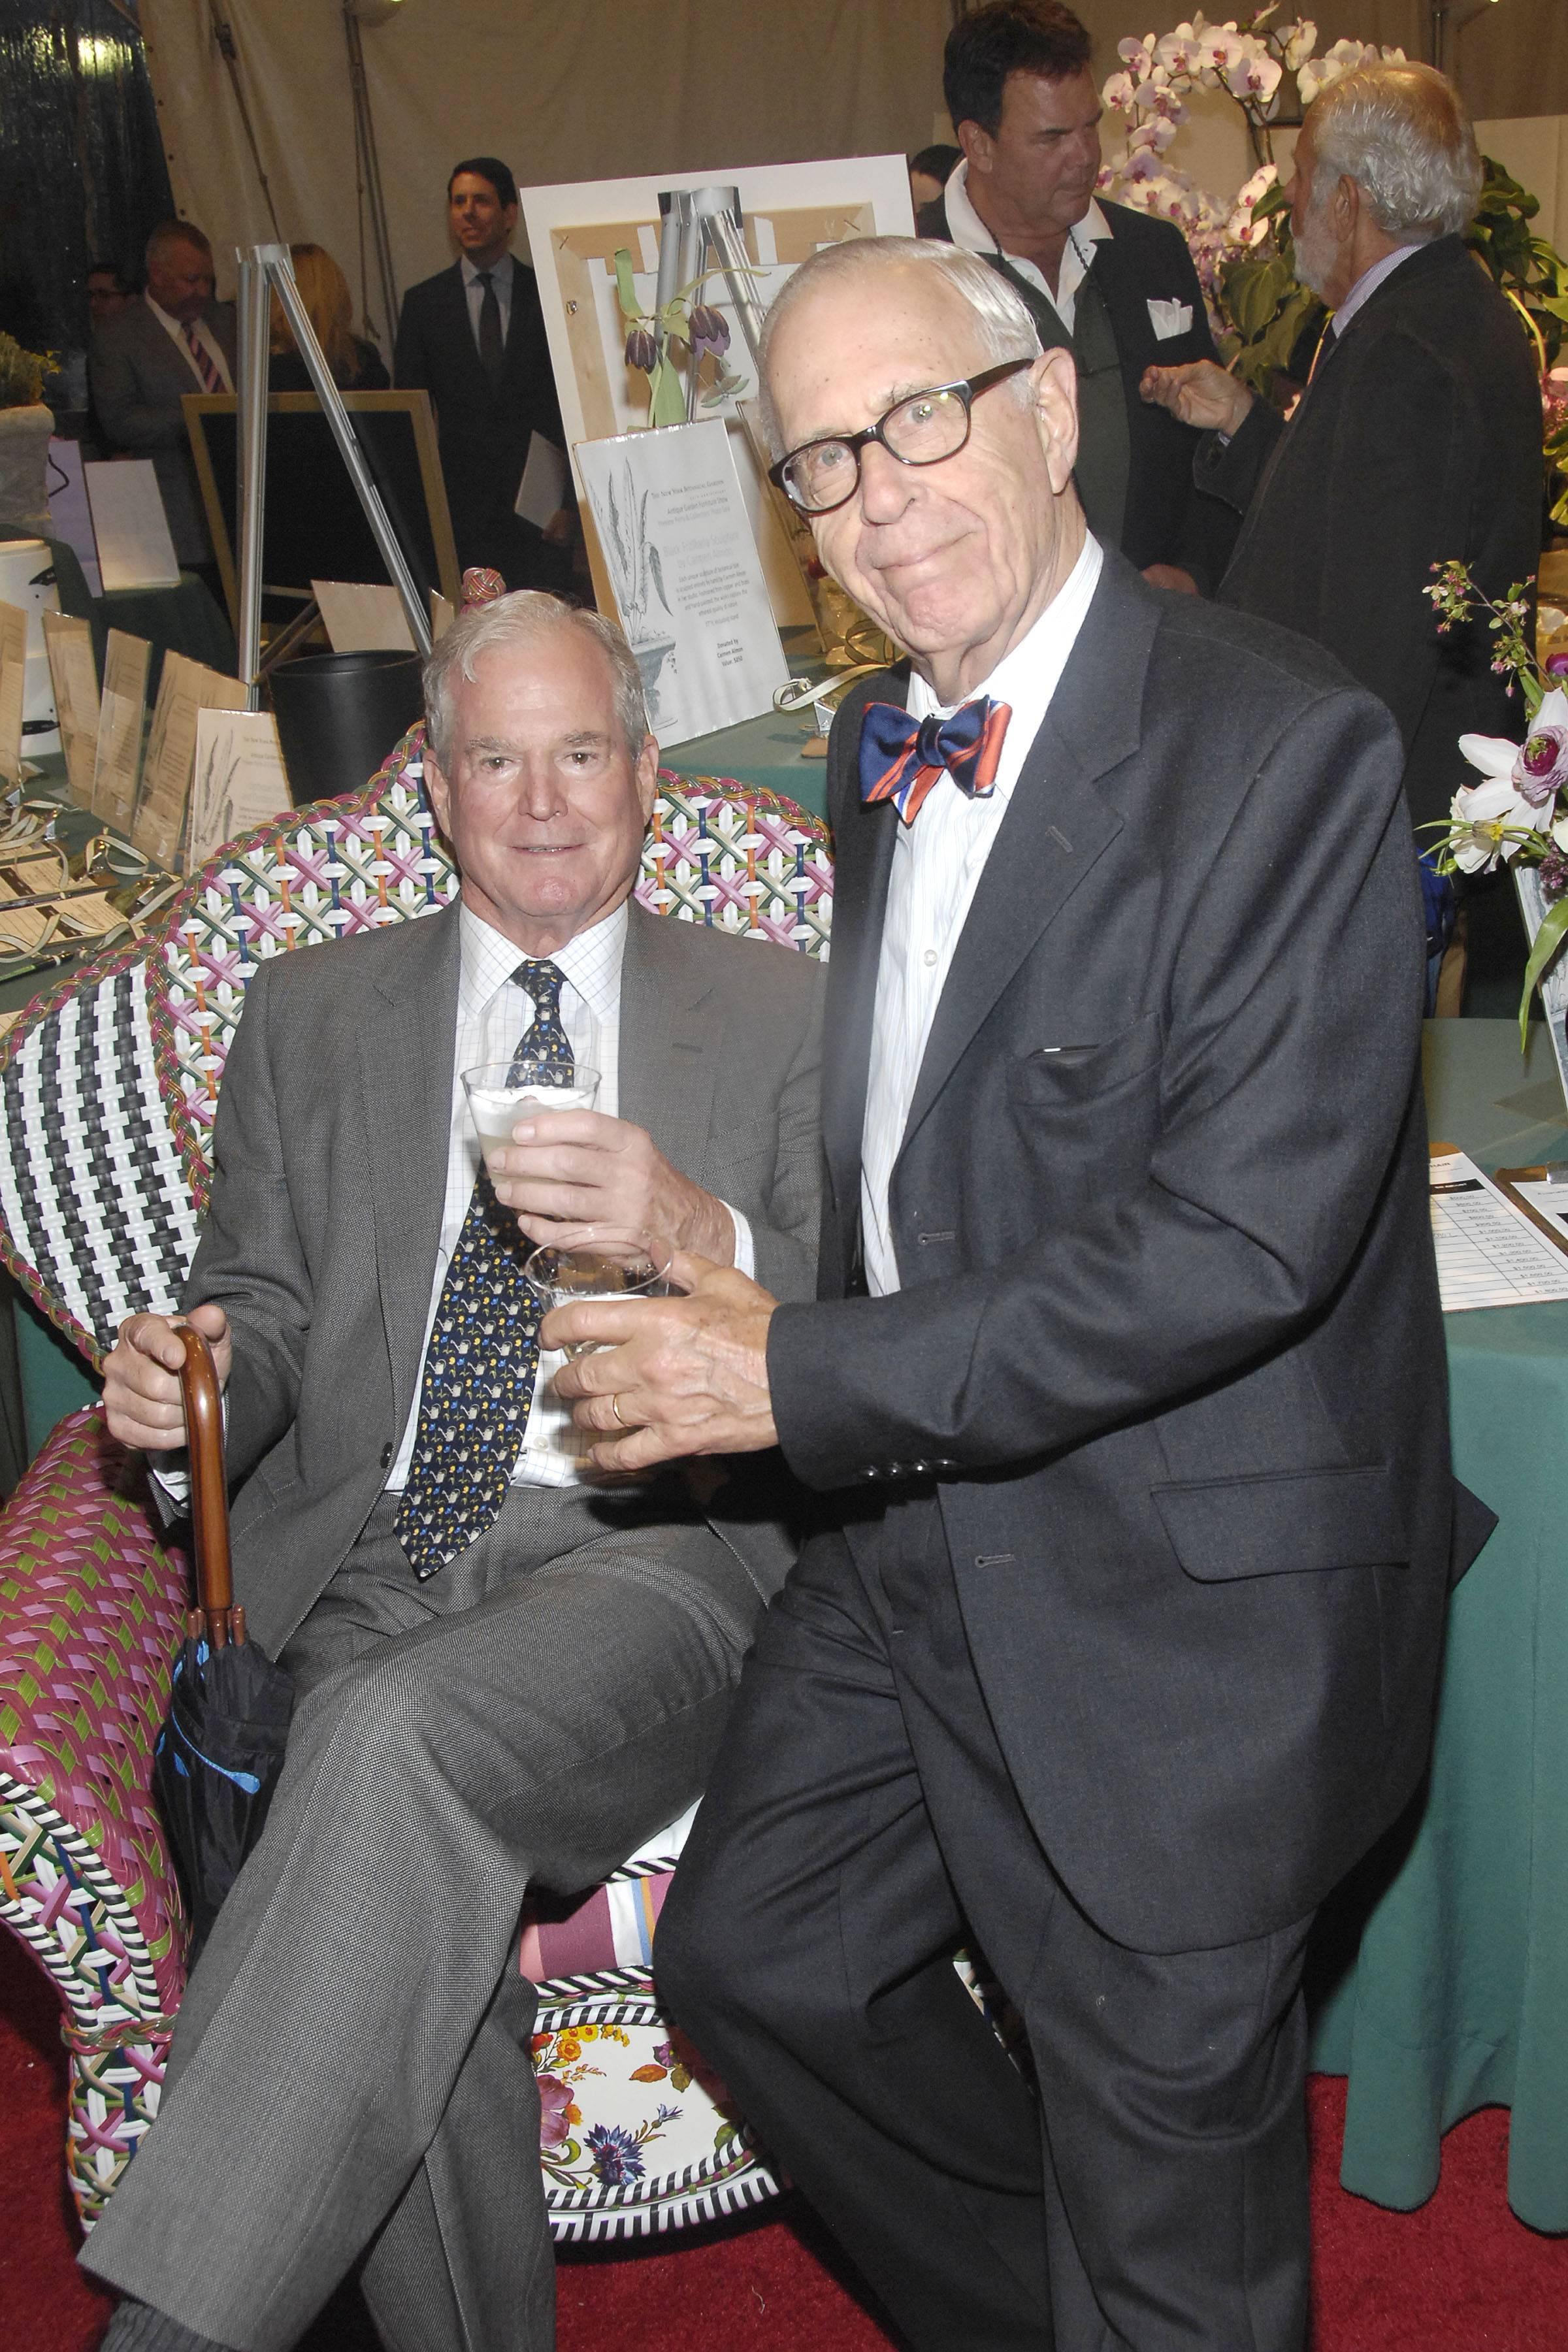 Fred Rheinstein and Coleman Burke